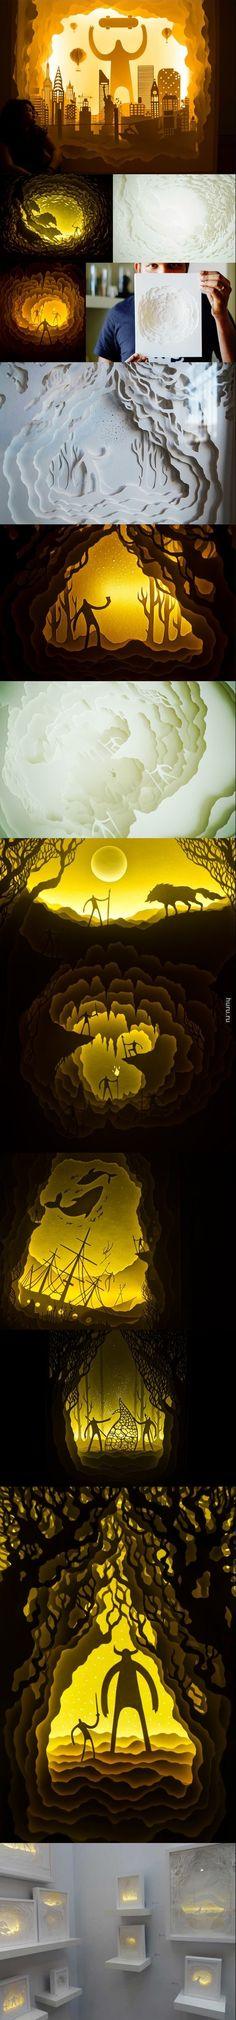 Huru.ru :: Диорамы, вырезанные из бумаги и подсвеченные лампой